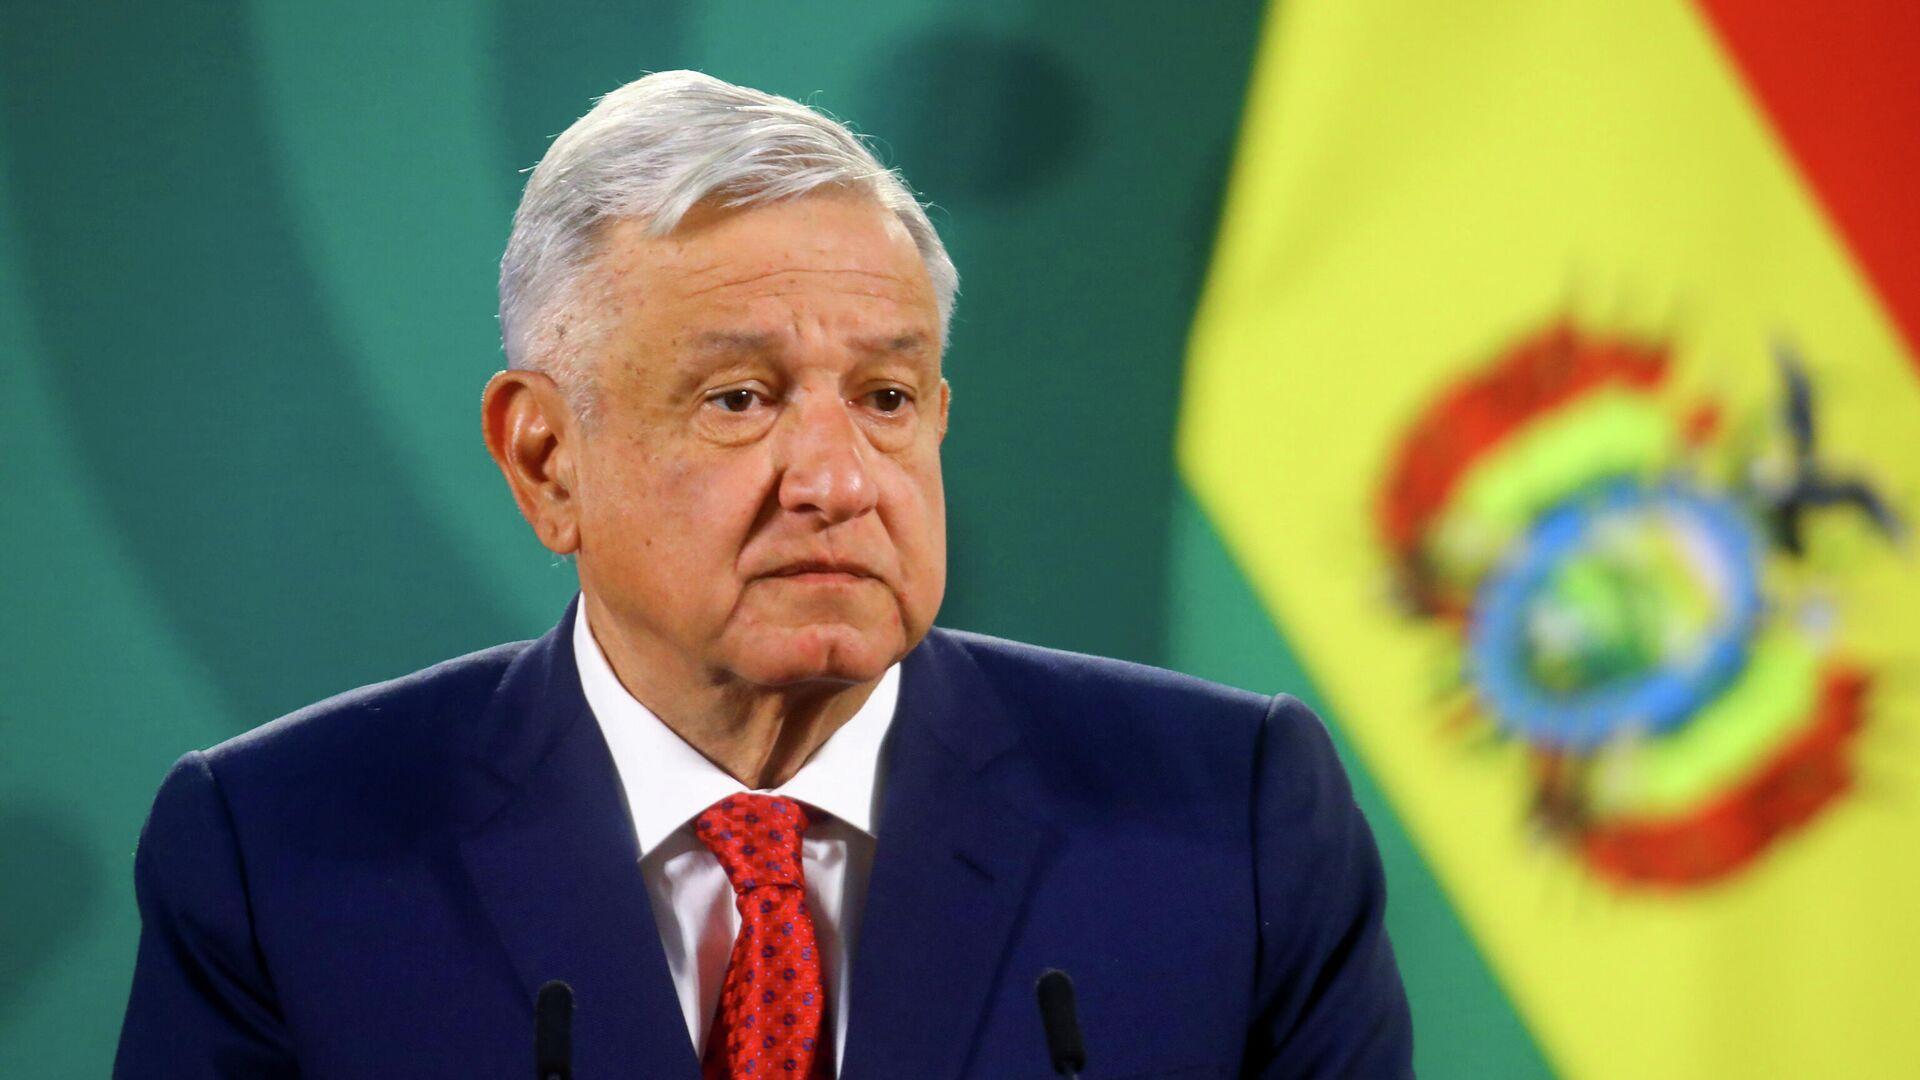 Mexikos Präsident Andres Manuel Lopez Obrador (Archivfoto) - SNA, 1920, 17.05.2021